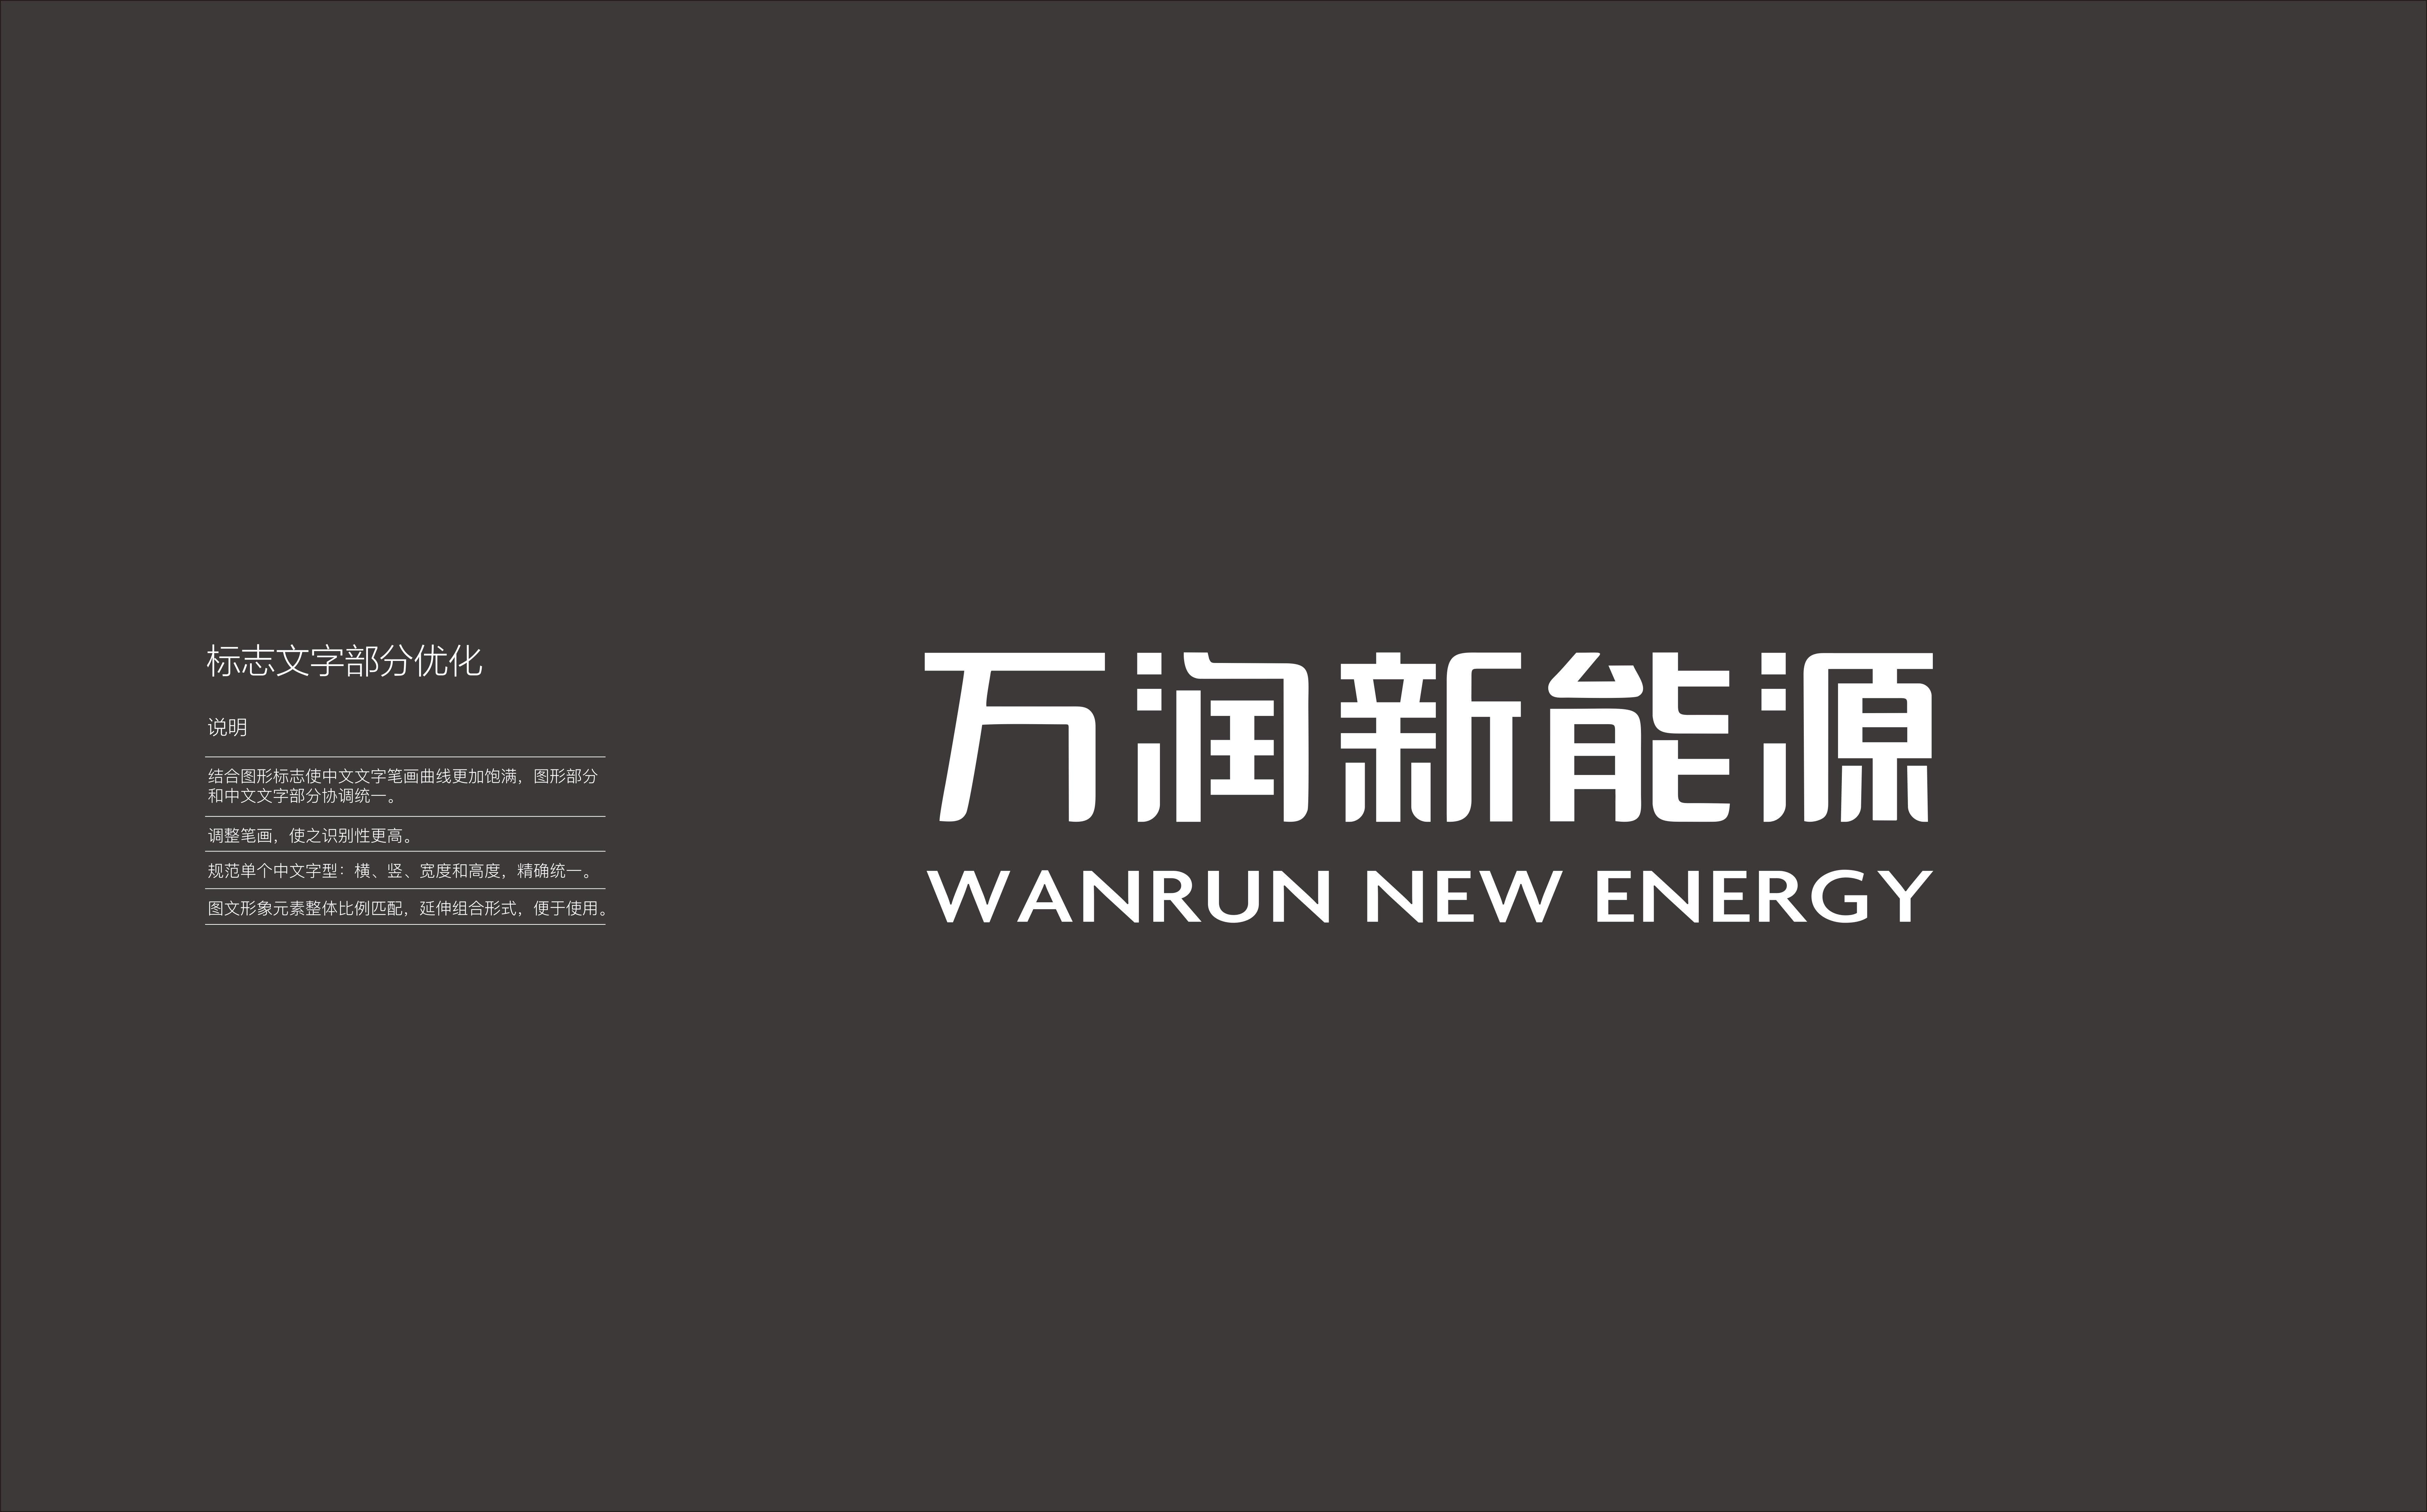 万润新能源_11.jpg